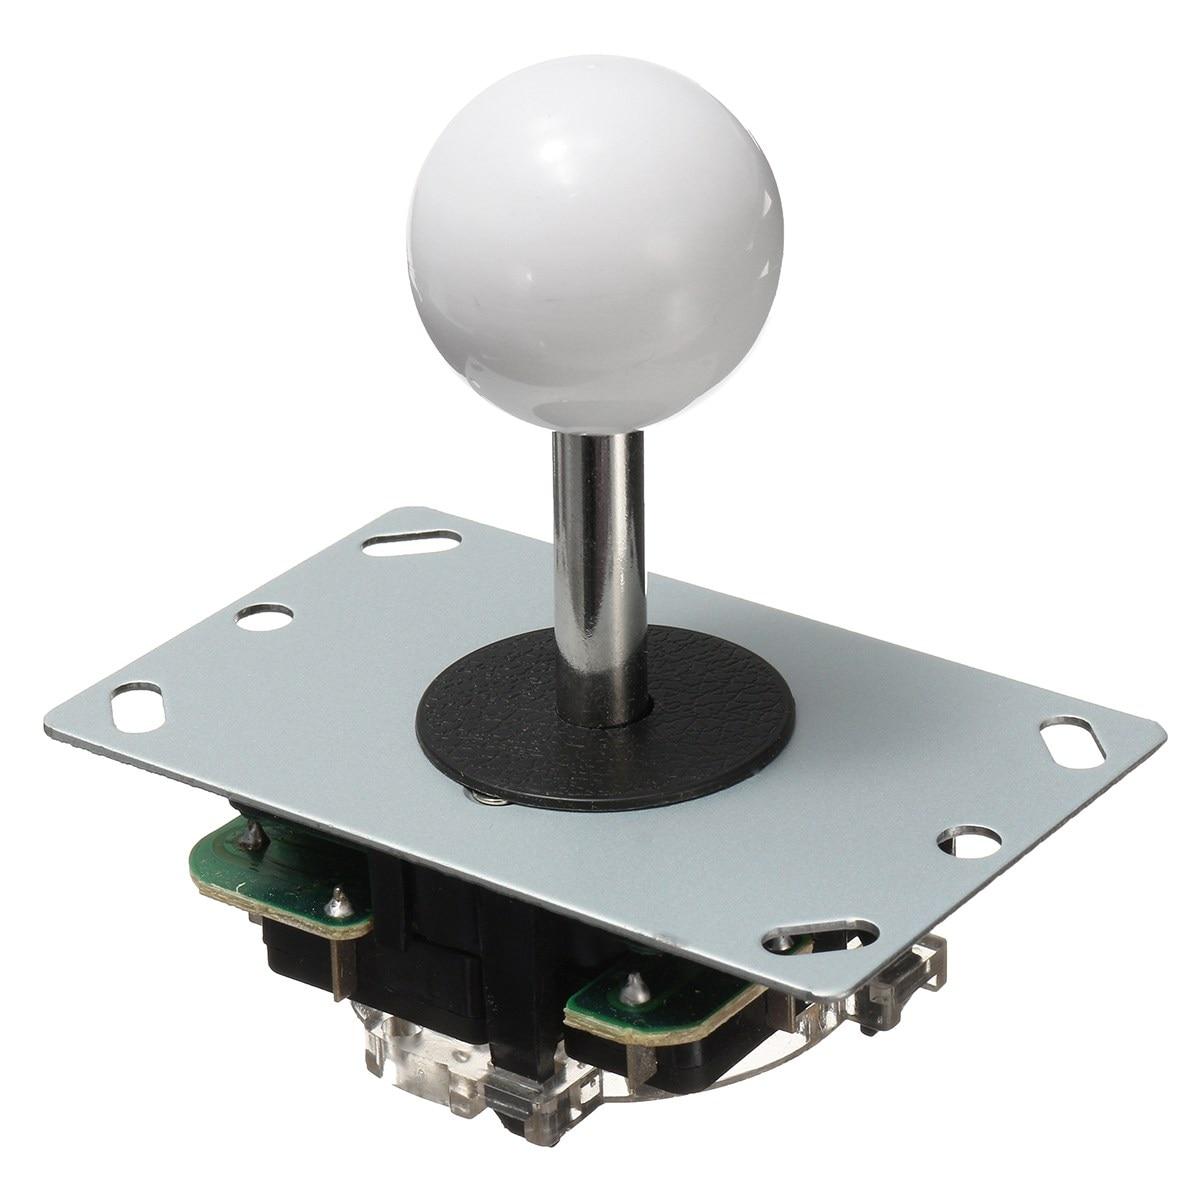 Cero retraso Joystick Arcade DIY Kit LED botón + Joystick + USB codificador + arnés de cable controlador USB para arcade Mame juego de Arcade - 3